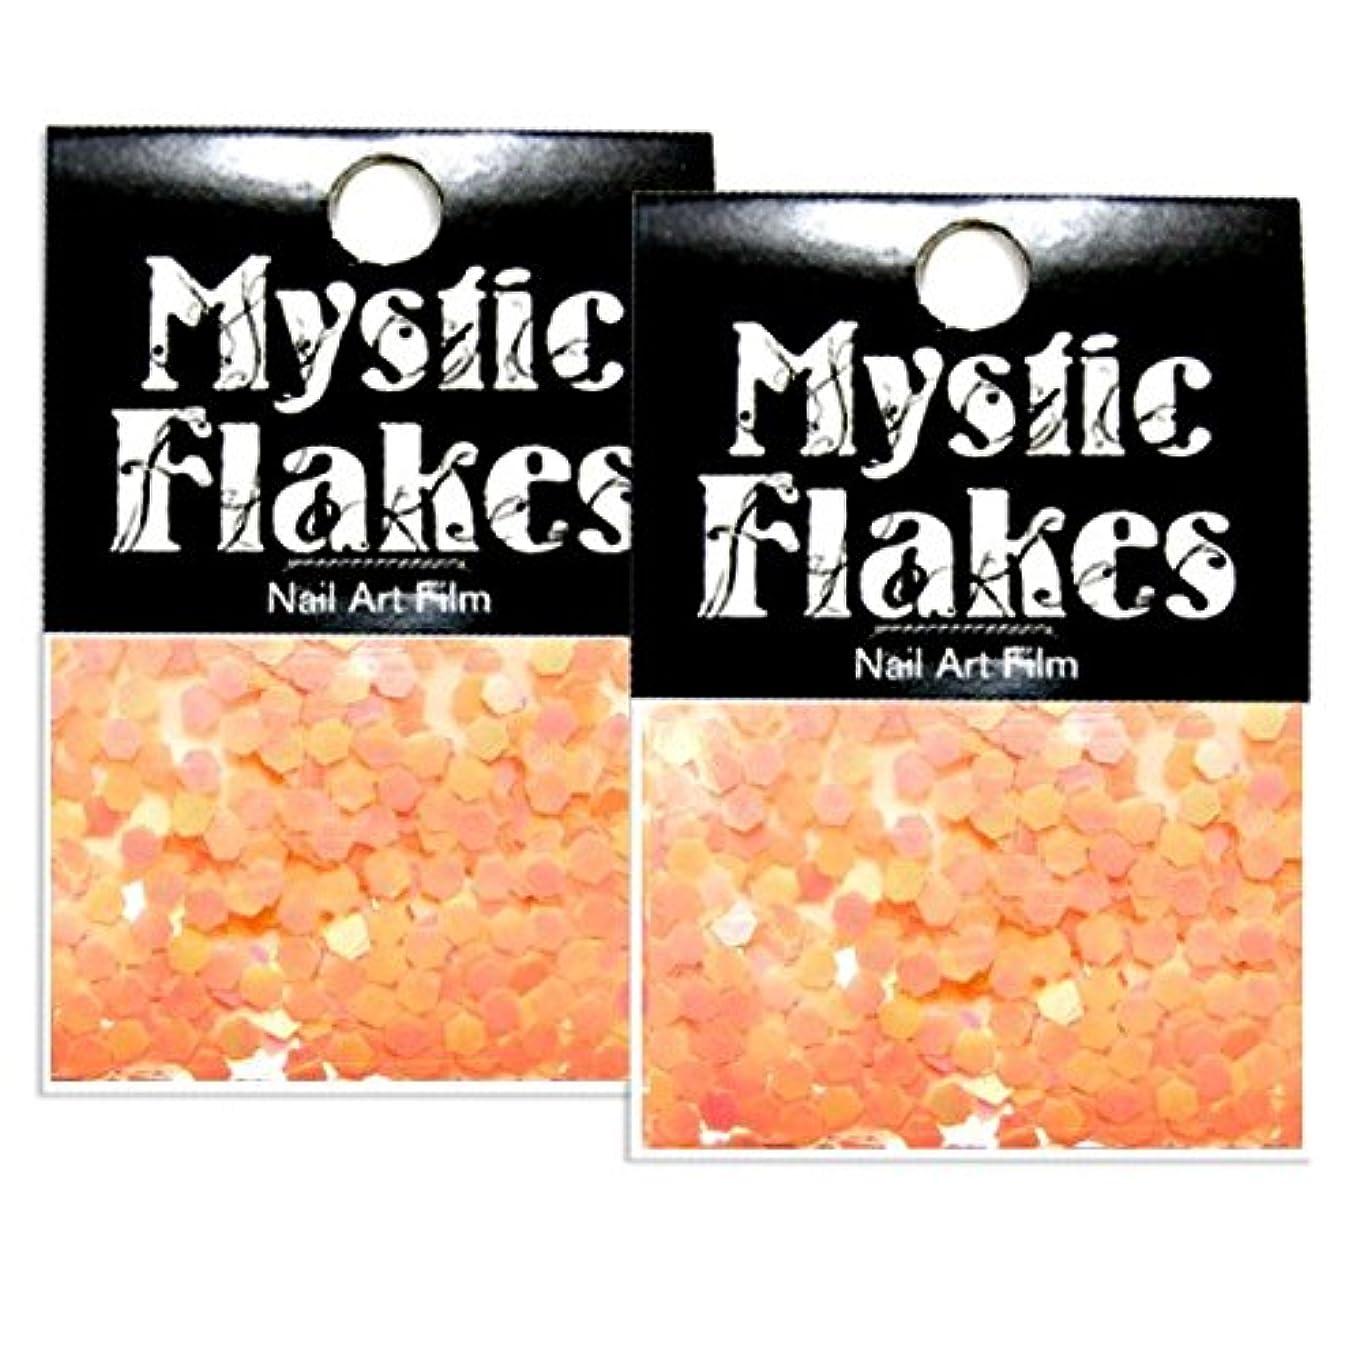 ジャニス予防接種小間ミスティックフレース ネイル用ストーン ルミネオレンジ ヘキサゴン 2.5mm 0.5g 2個セット